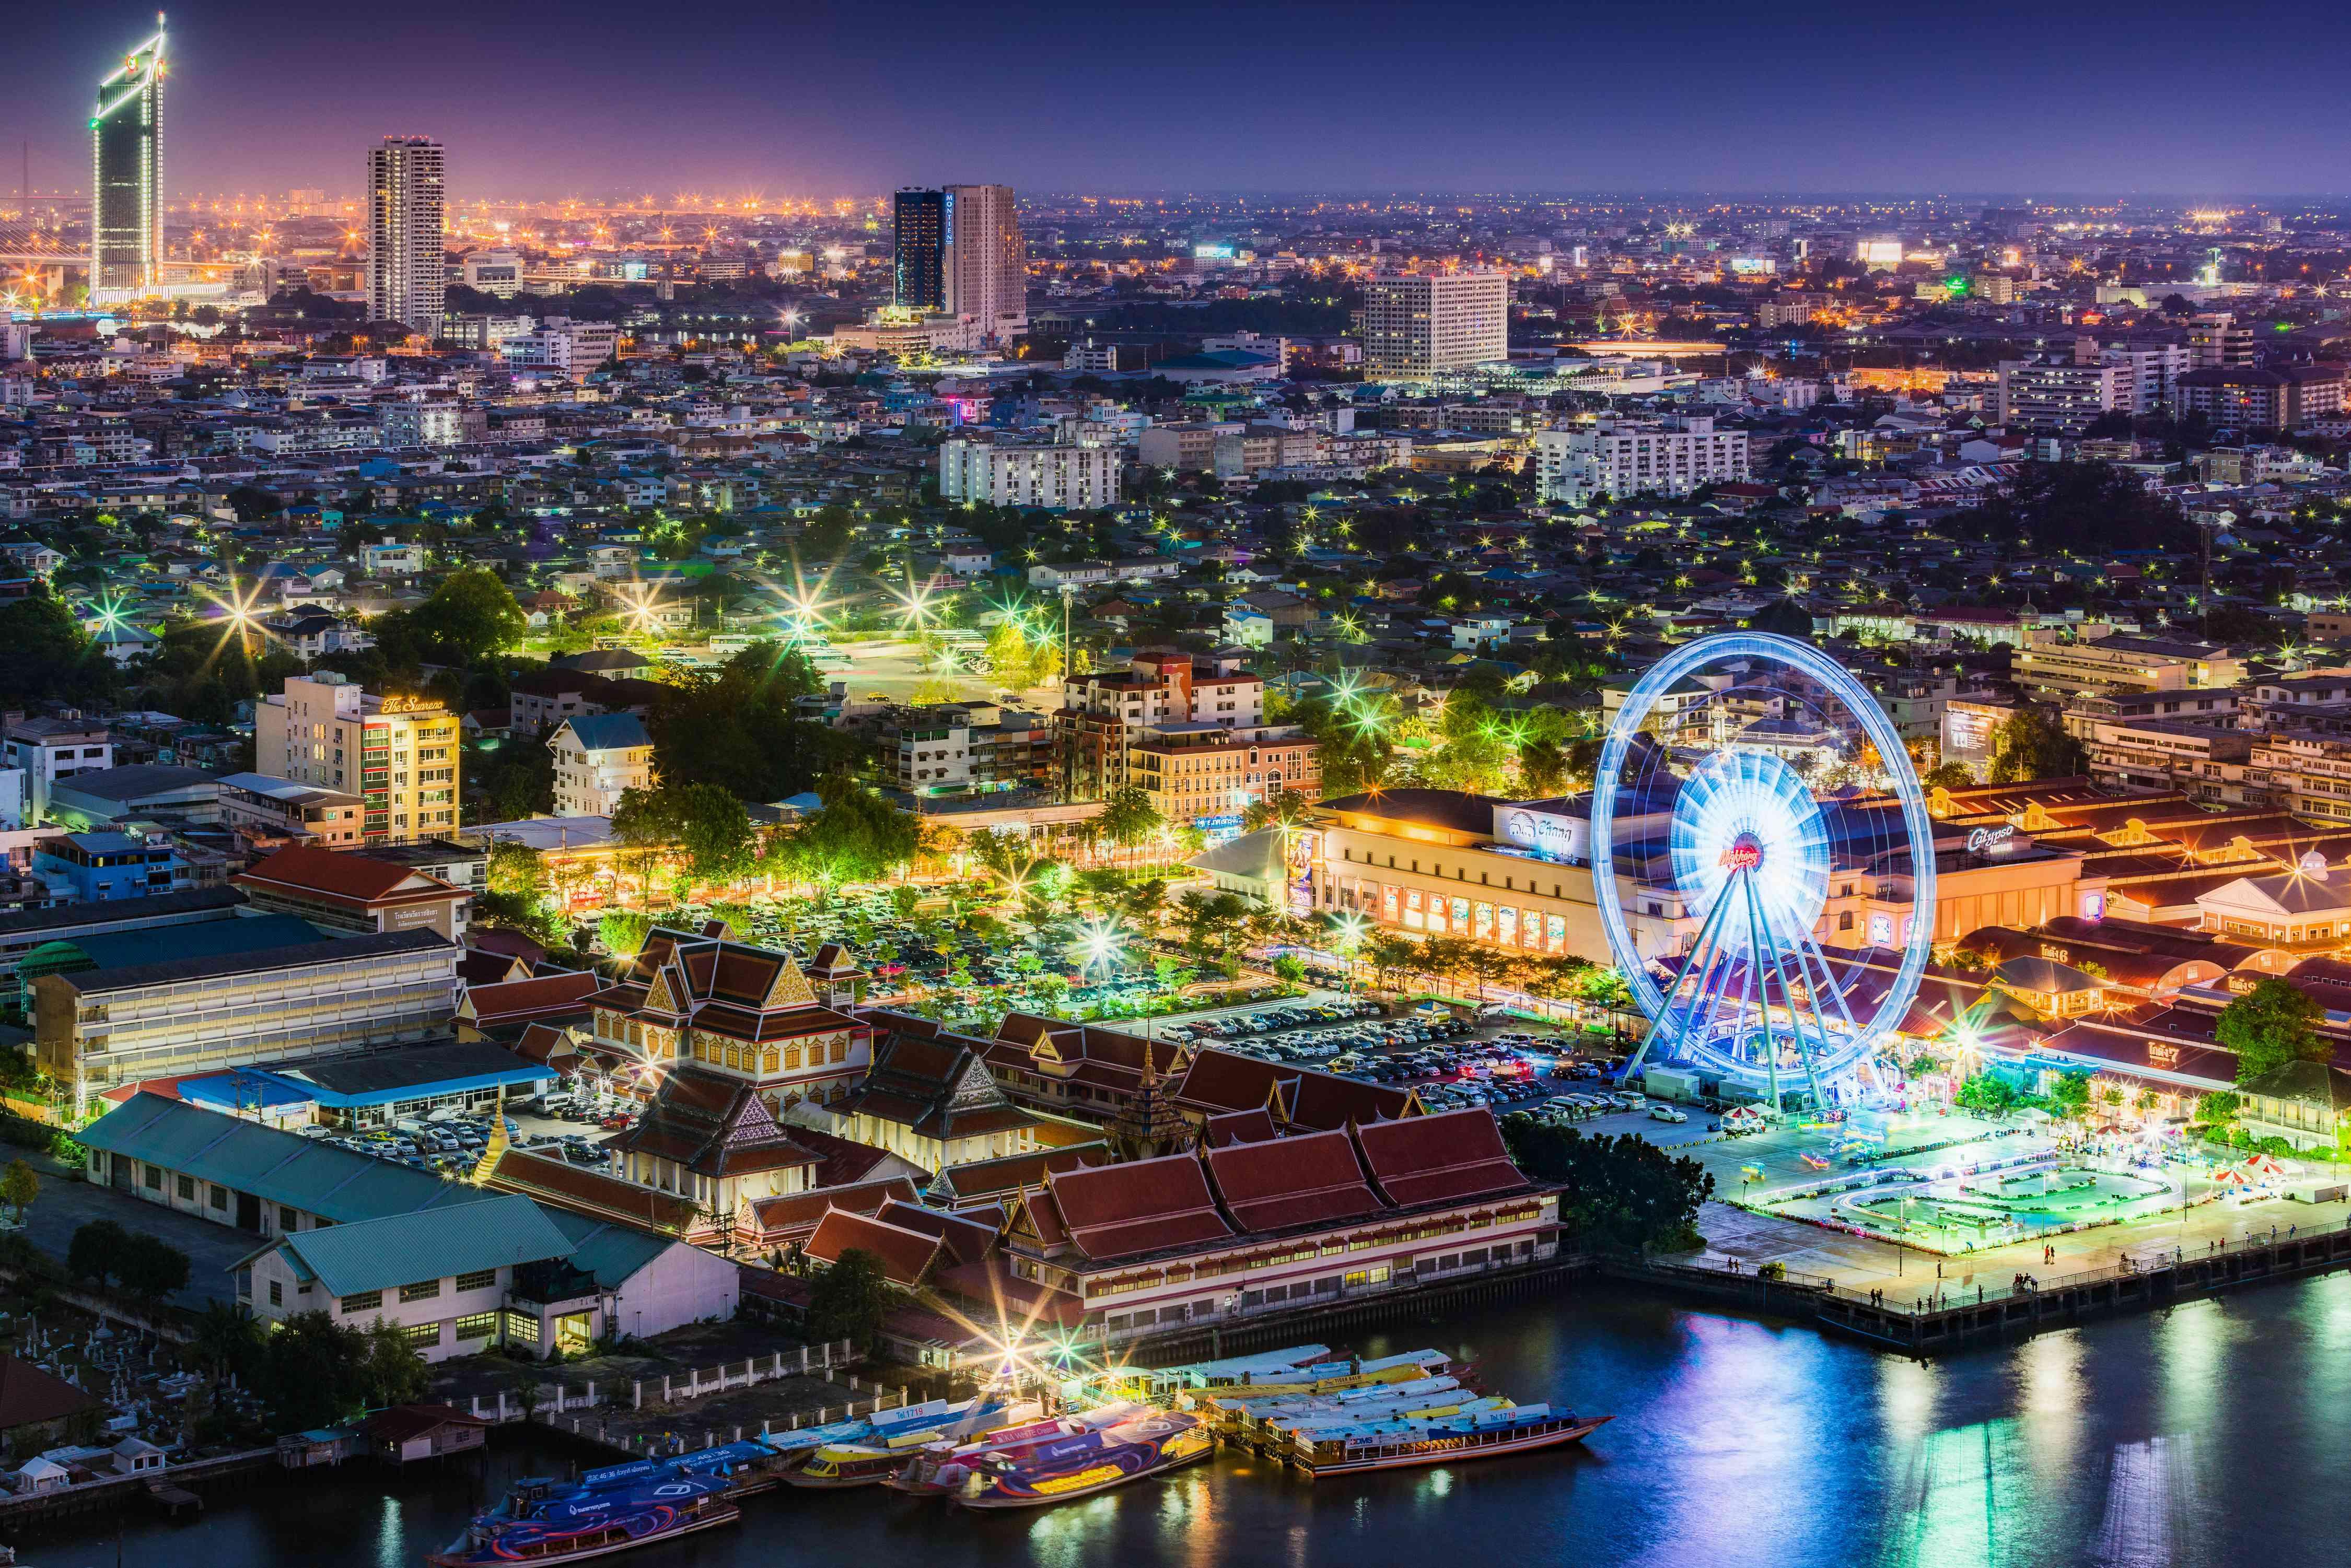 Asiatique in Bangkok at night